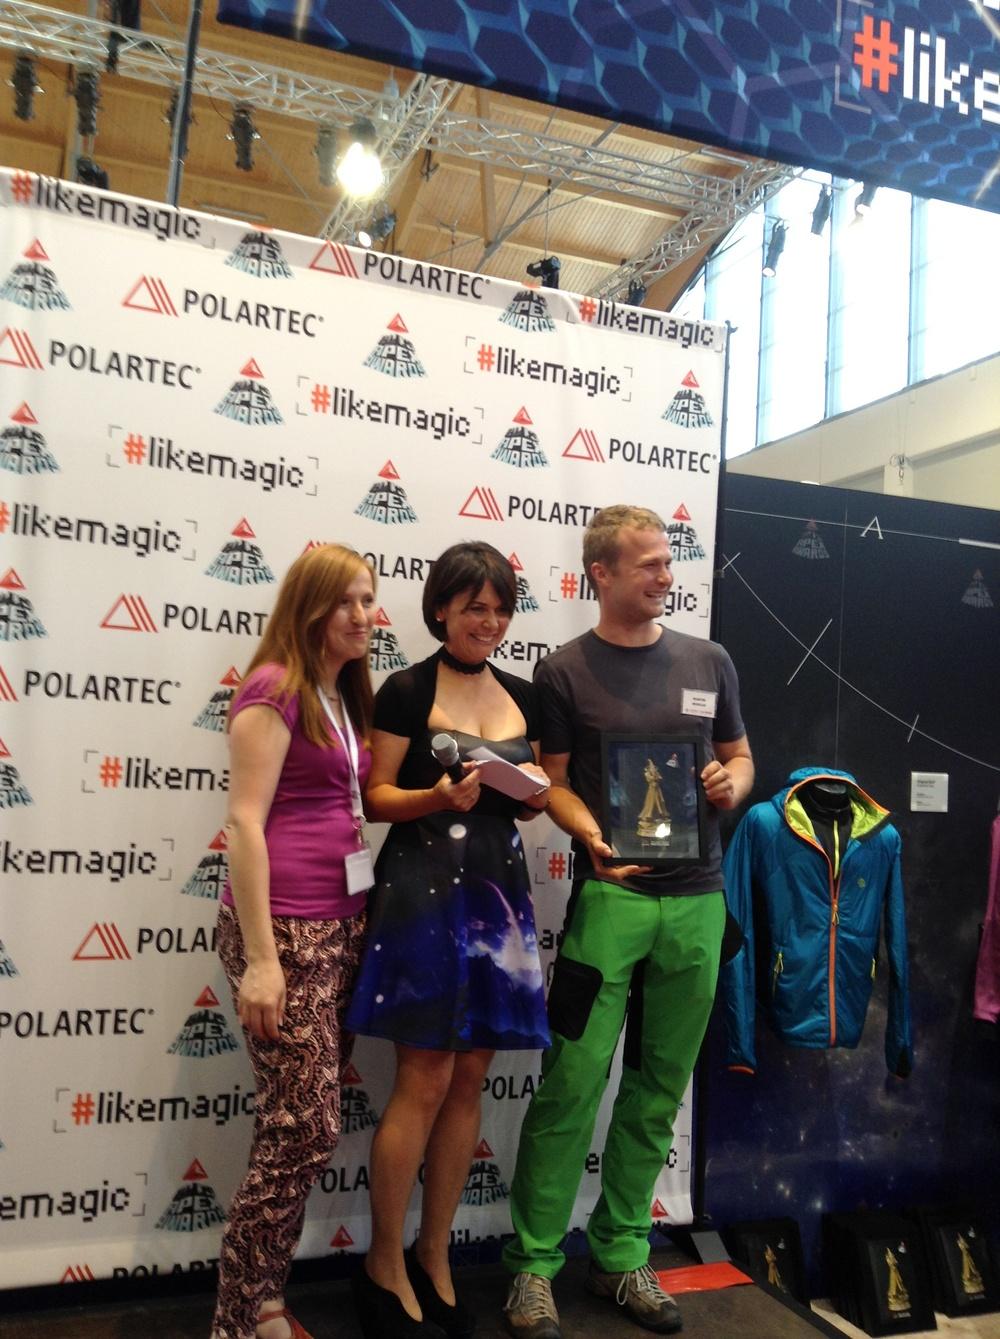 Polartec APEX Awards at OutDoor 2013